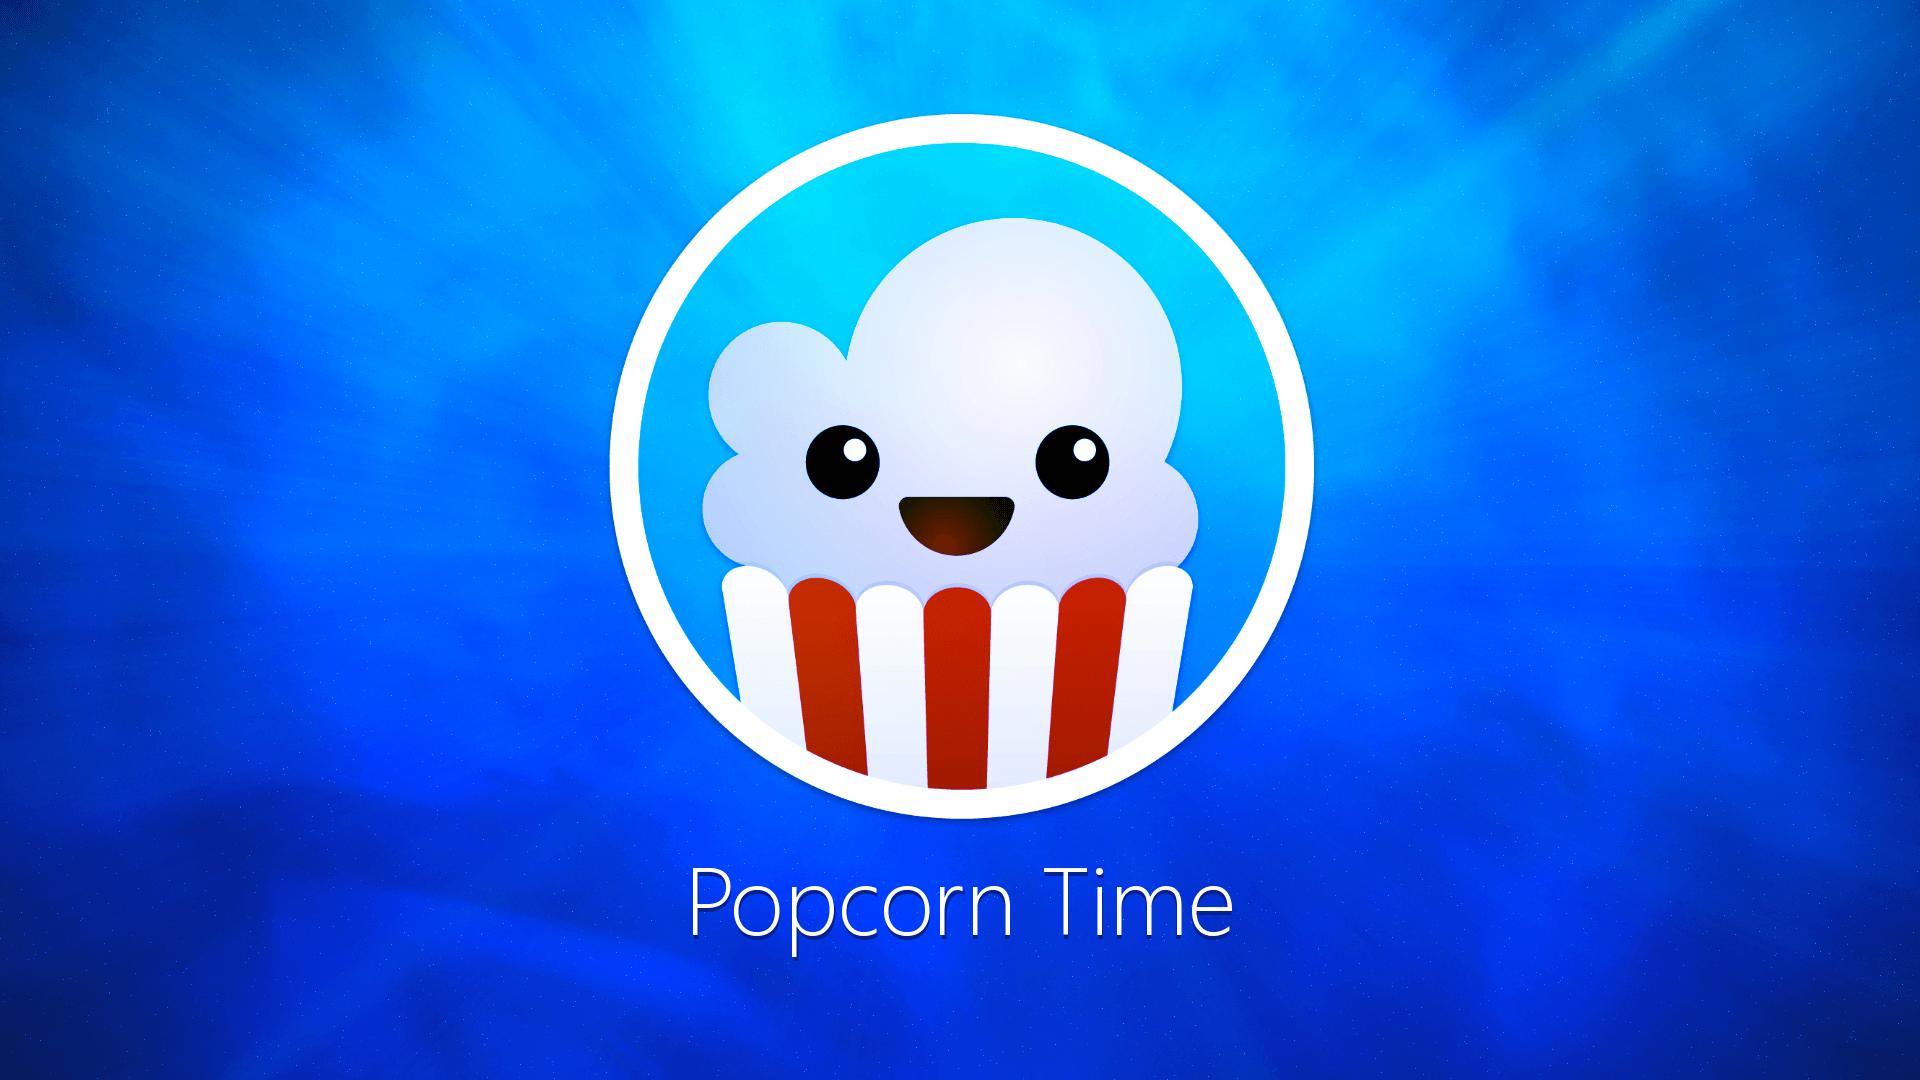 Gledanje filmova kvalitetno i jednostavno – Popcorn Time